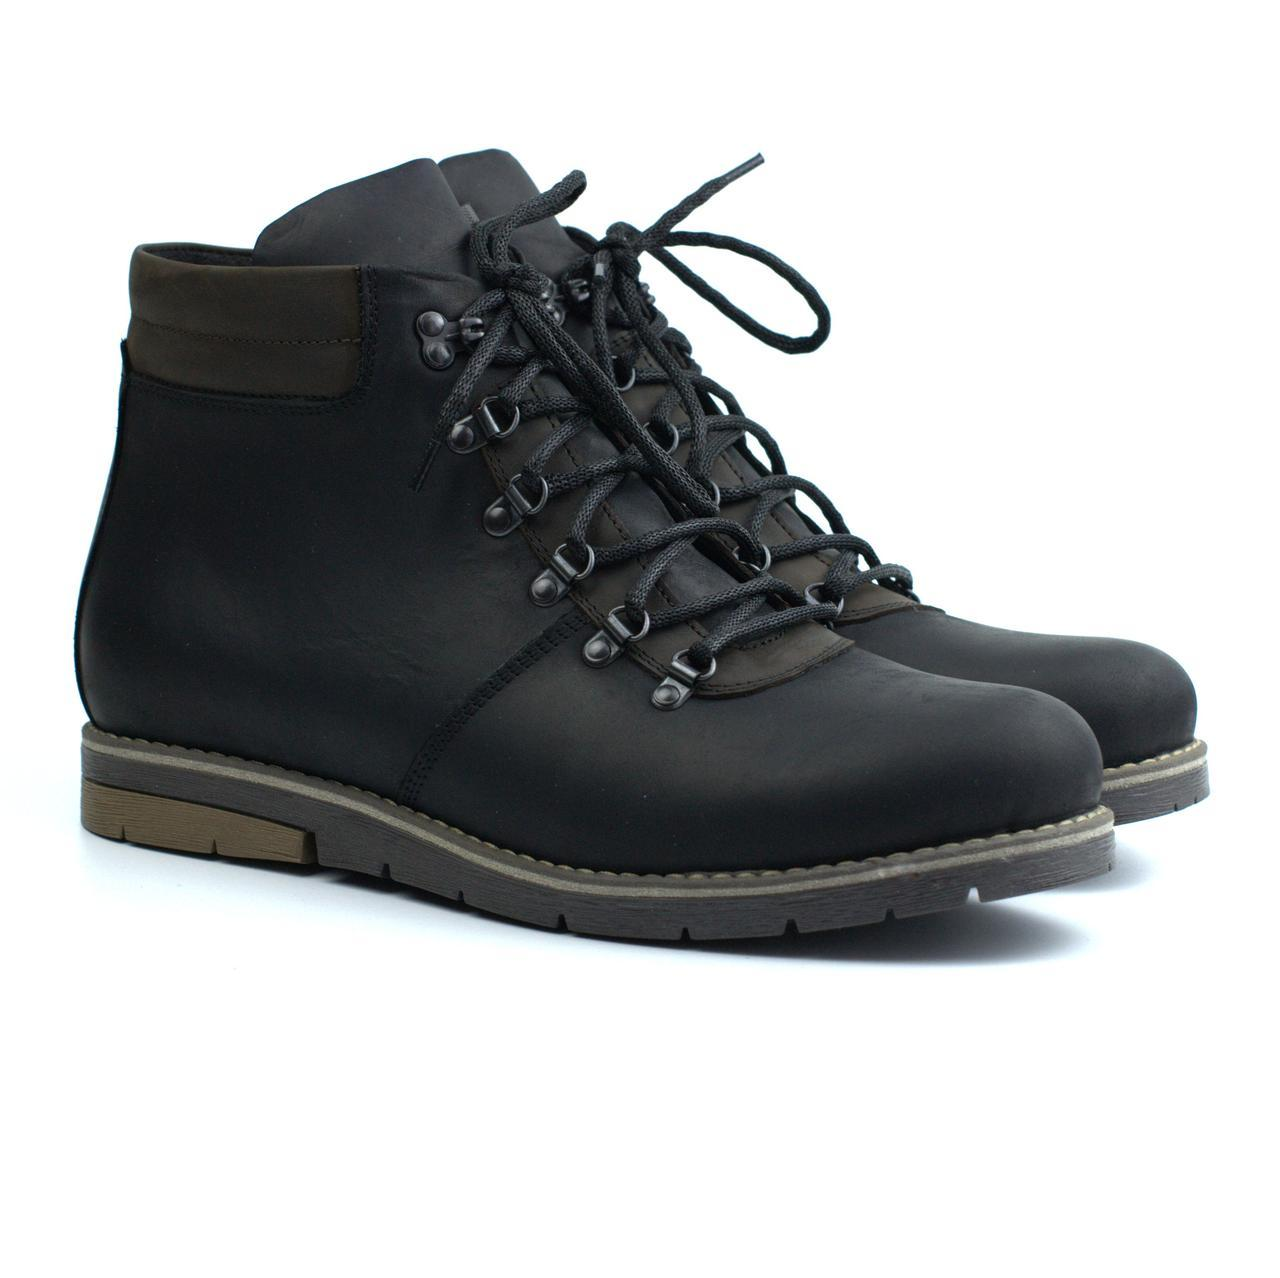 Мужская обувь больших размеров зимние ботинки хайкеры кожаные мех Rosso Avangard Rangers Street Crazy Black BS